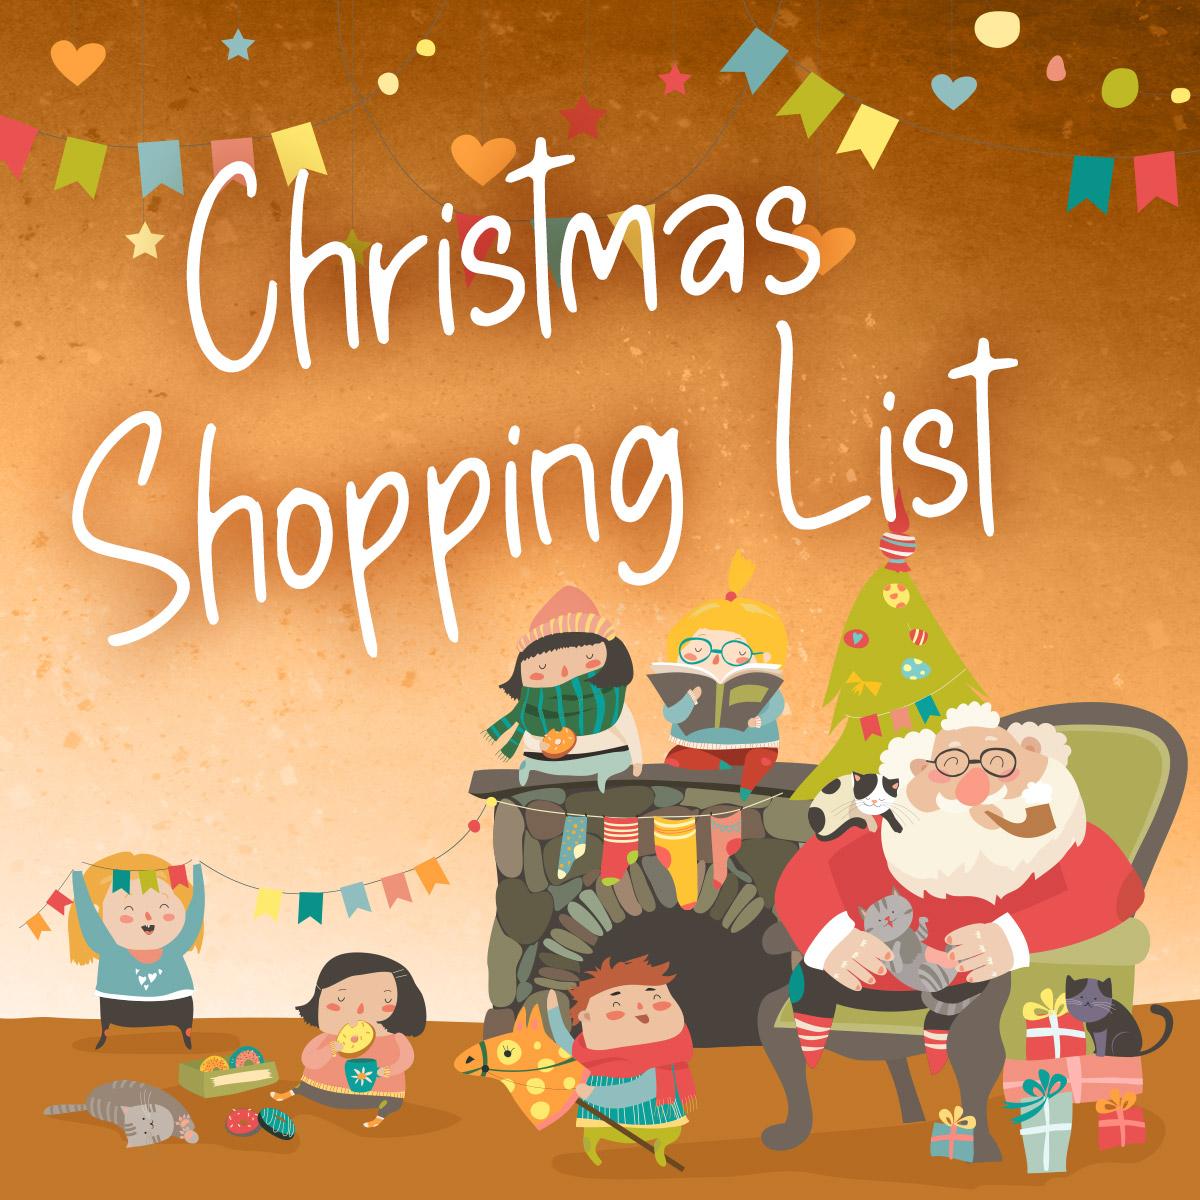 Christmas Book Shopping List For Children